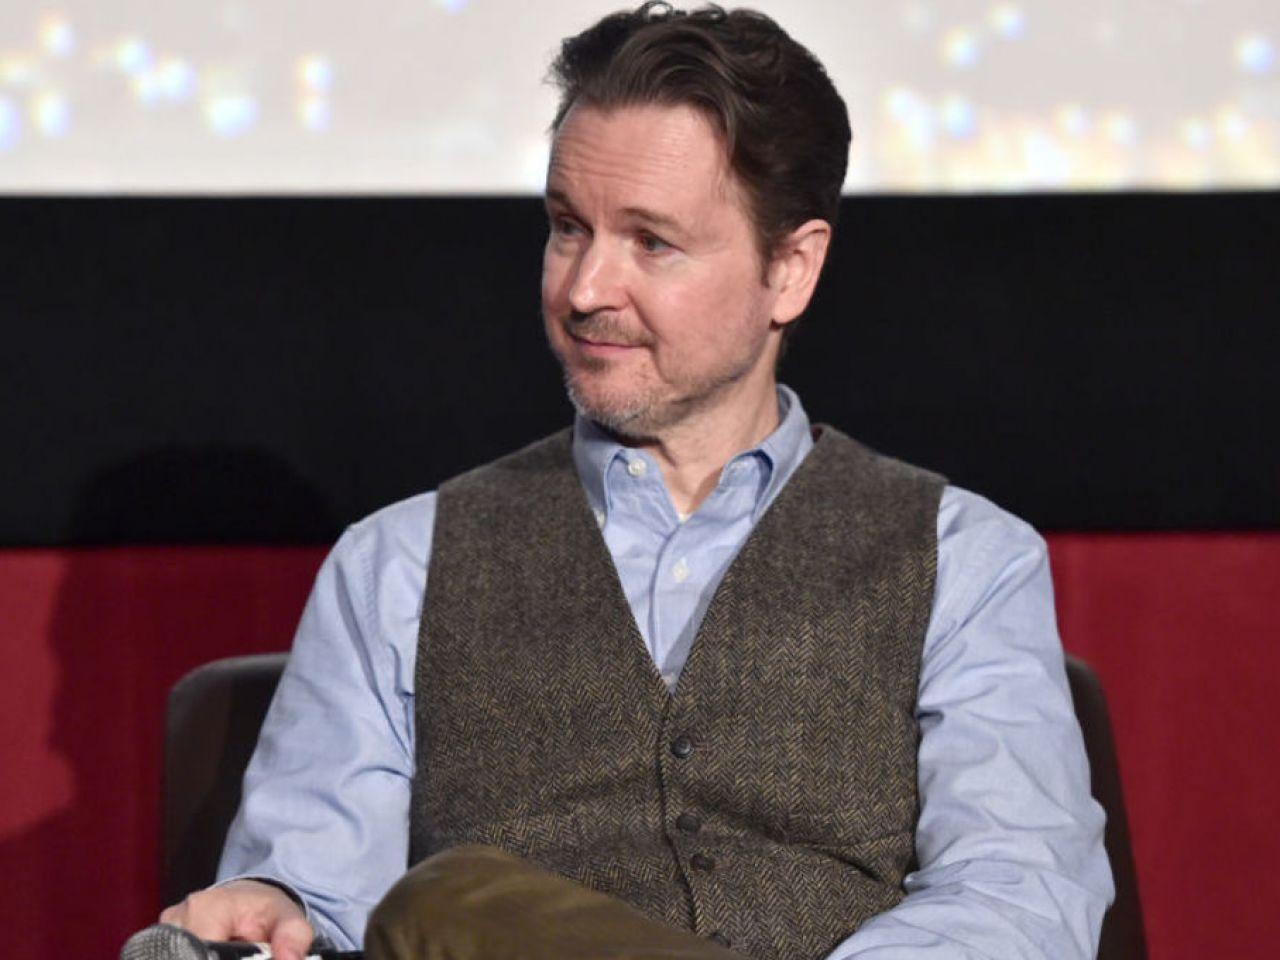 Il regista Matt Reeves produrrà per Netflix lo sci-fi Way Station